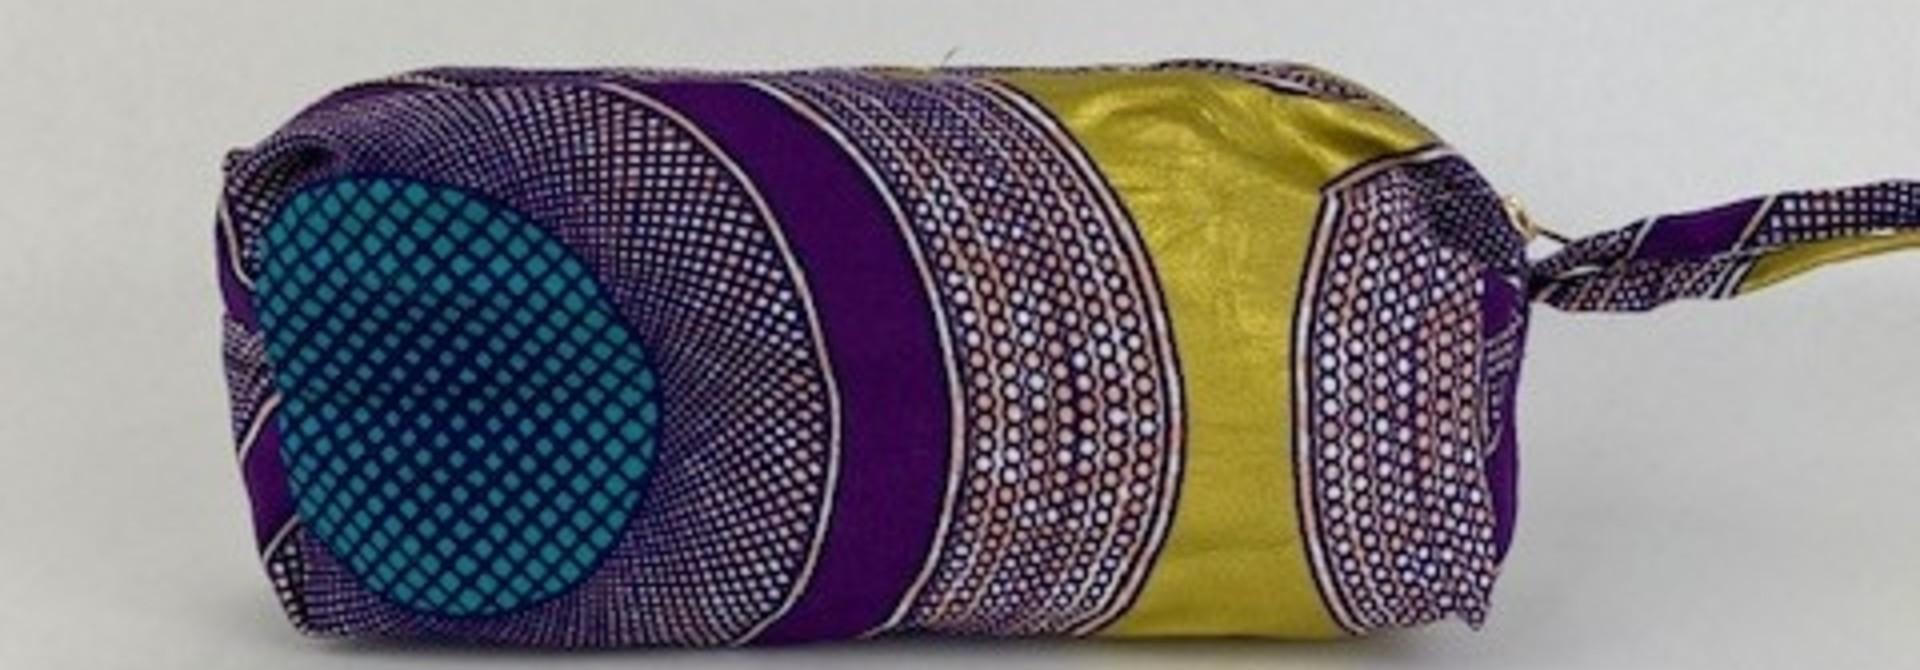 Mistoux etnic gold bag Purple Mesh